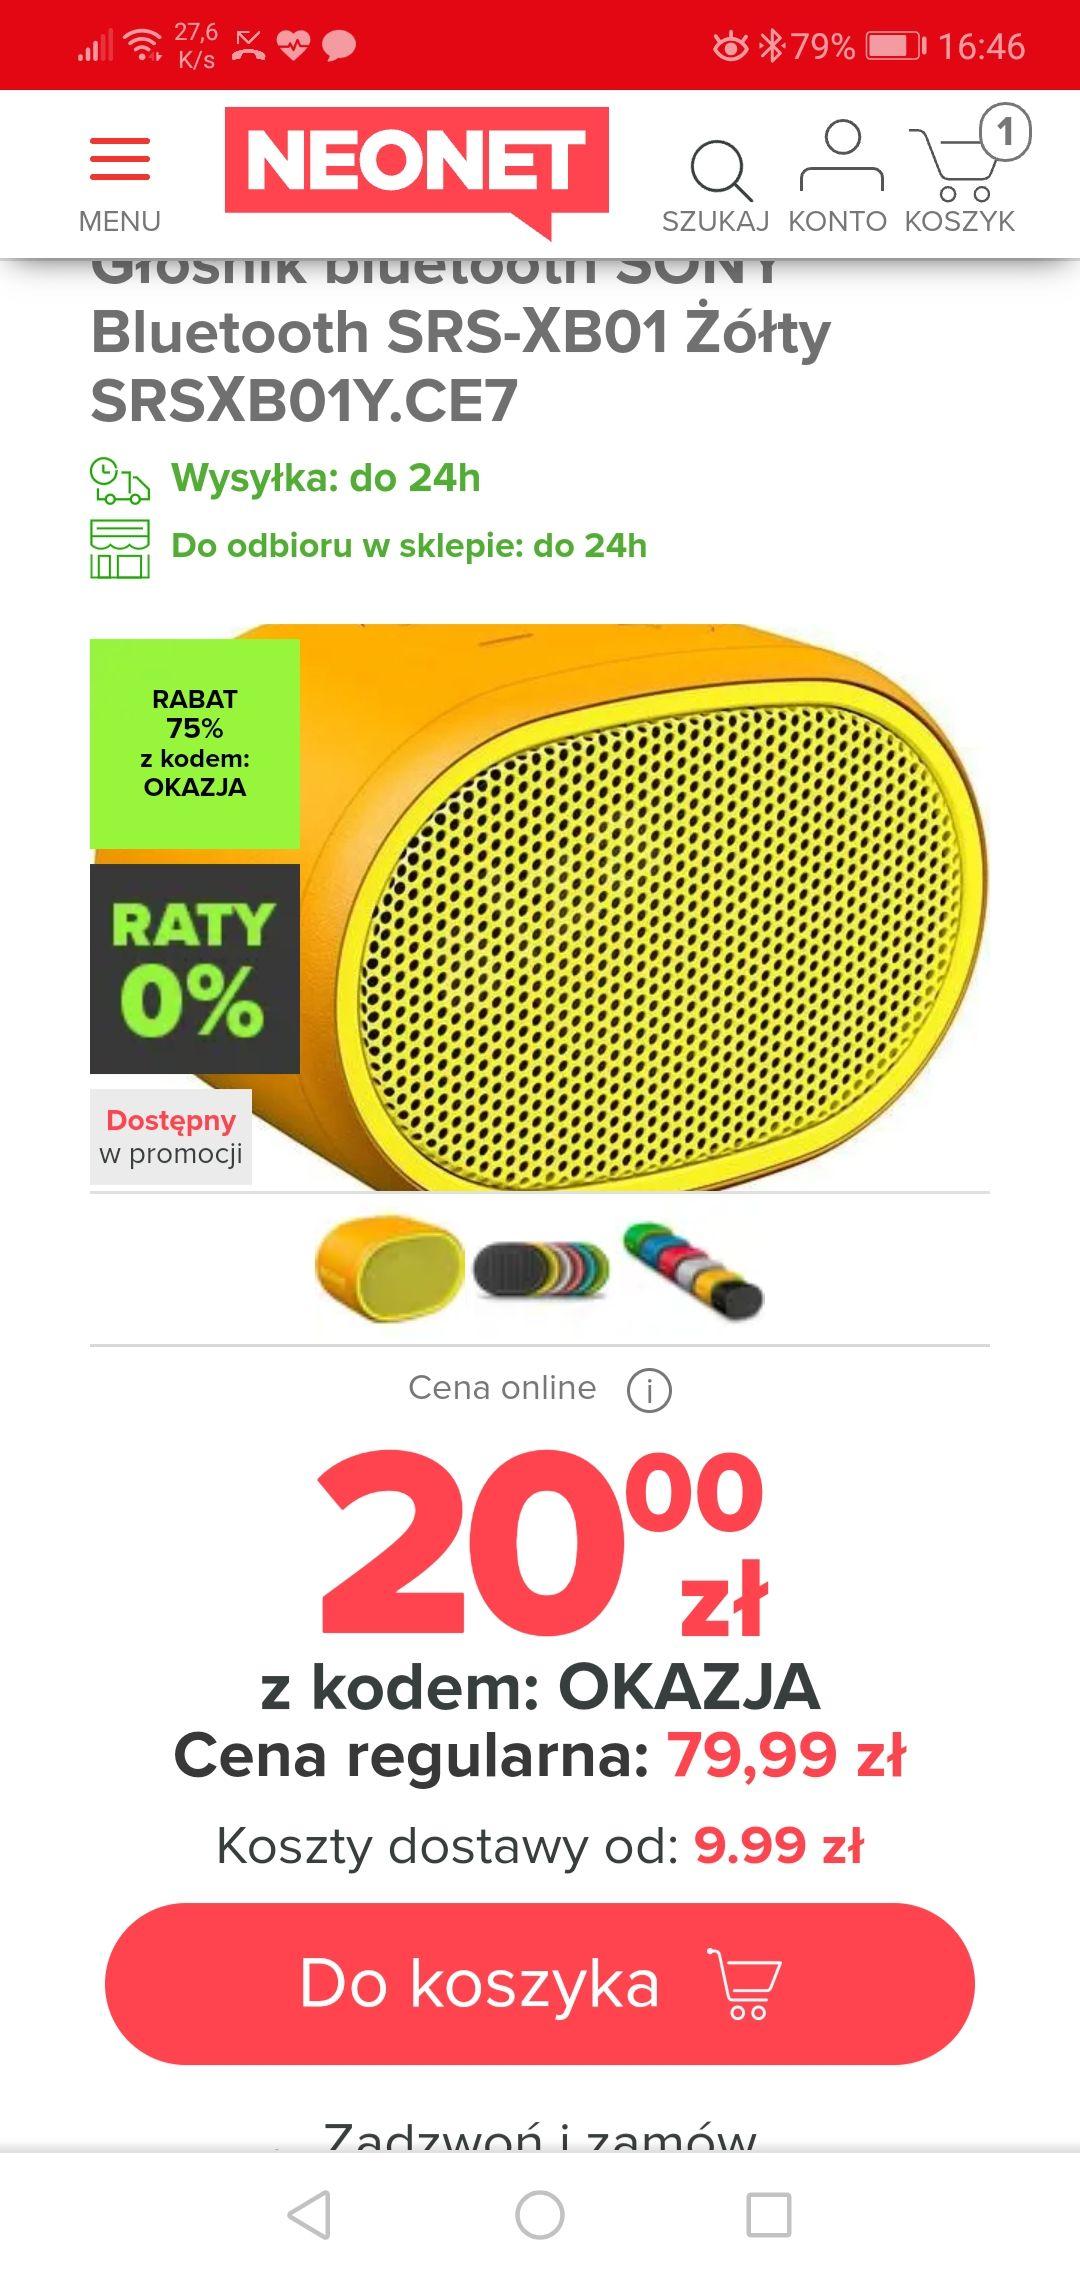 Głośnik bluetooth SONY Bluetooth SRS-XB01 Żółty SRSXB01Y.CE7